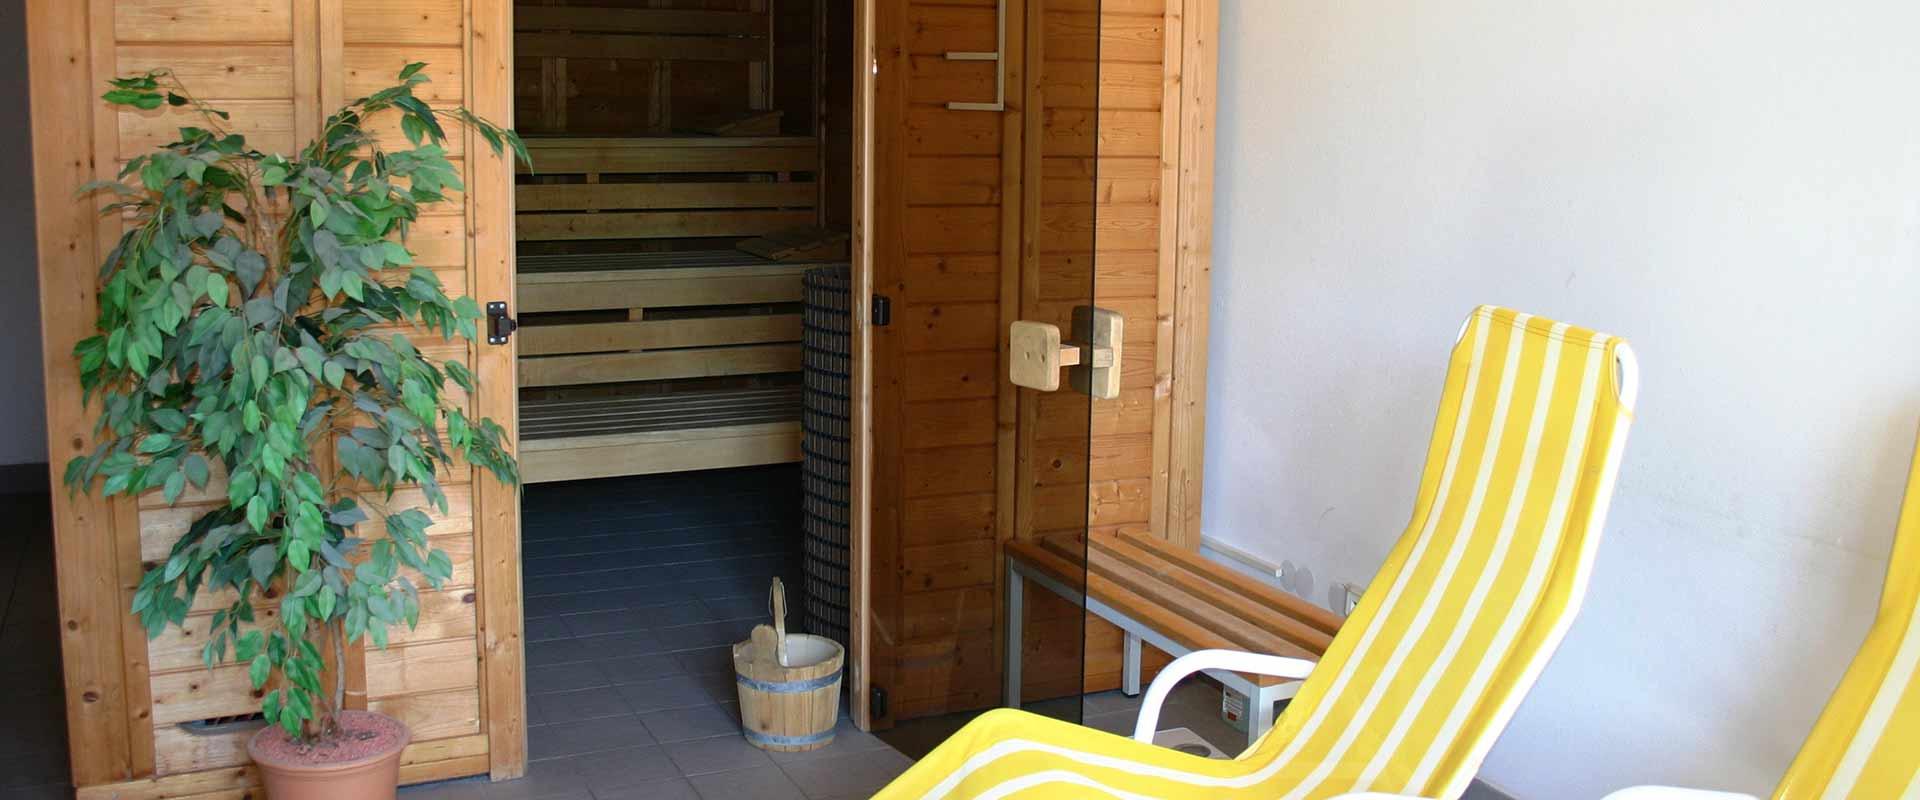 Unsere Sauna in der MEDIAN Klinik Römhild